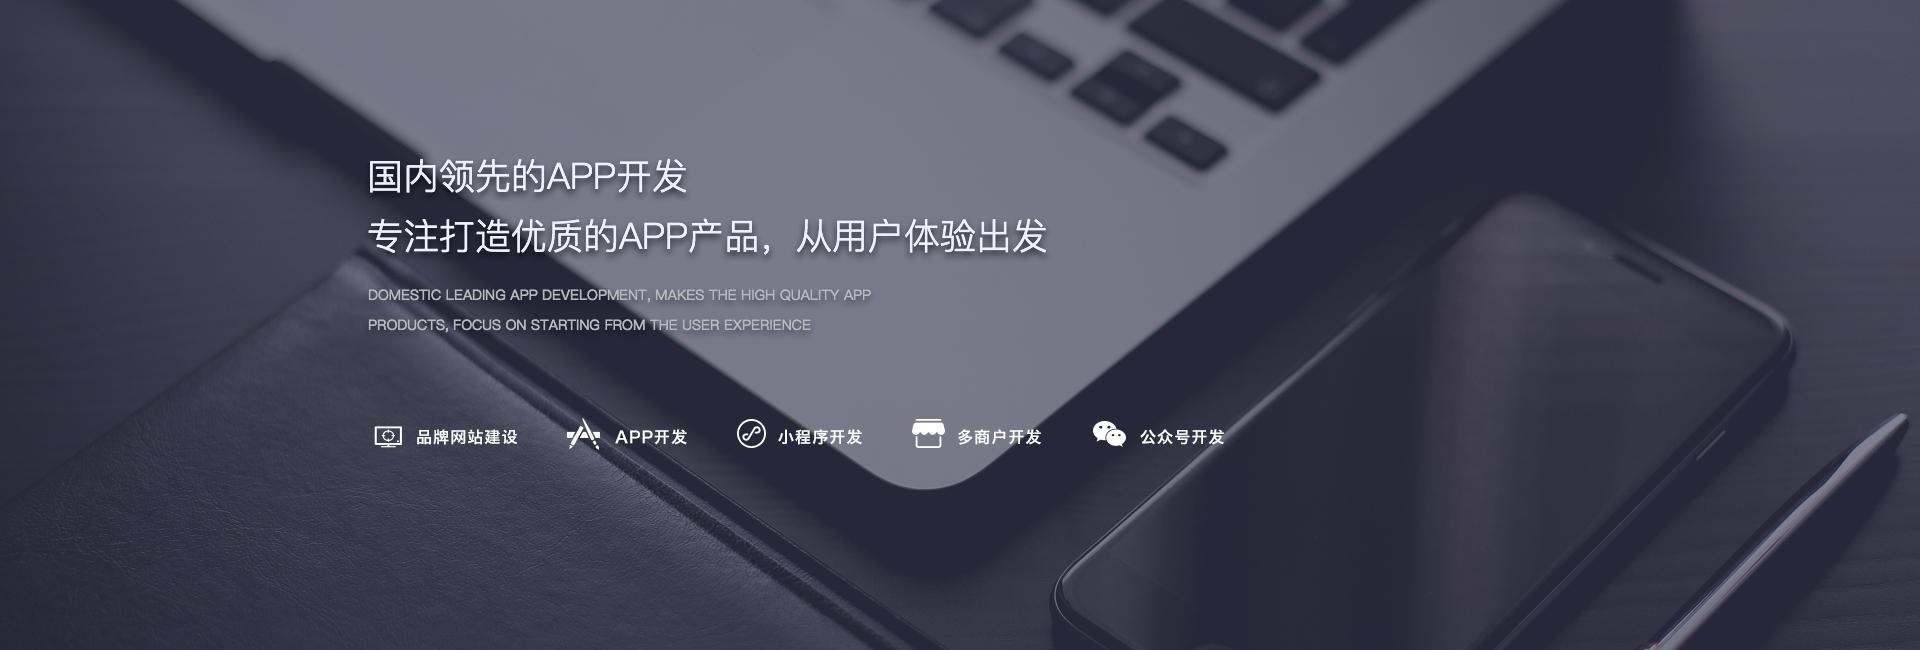 app广告3